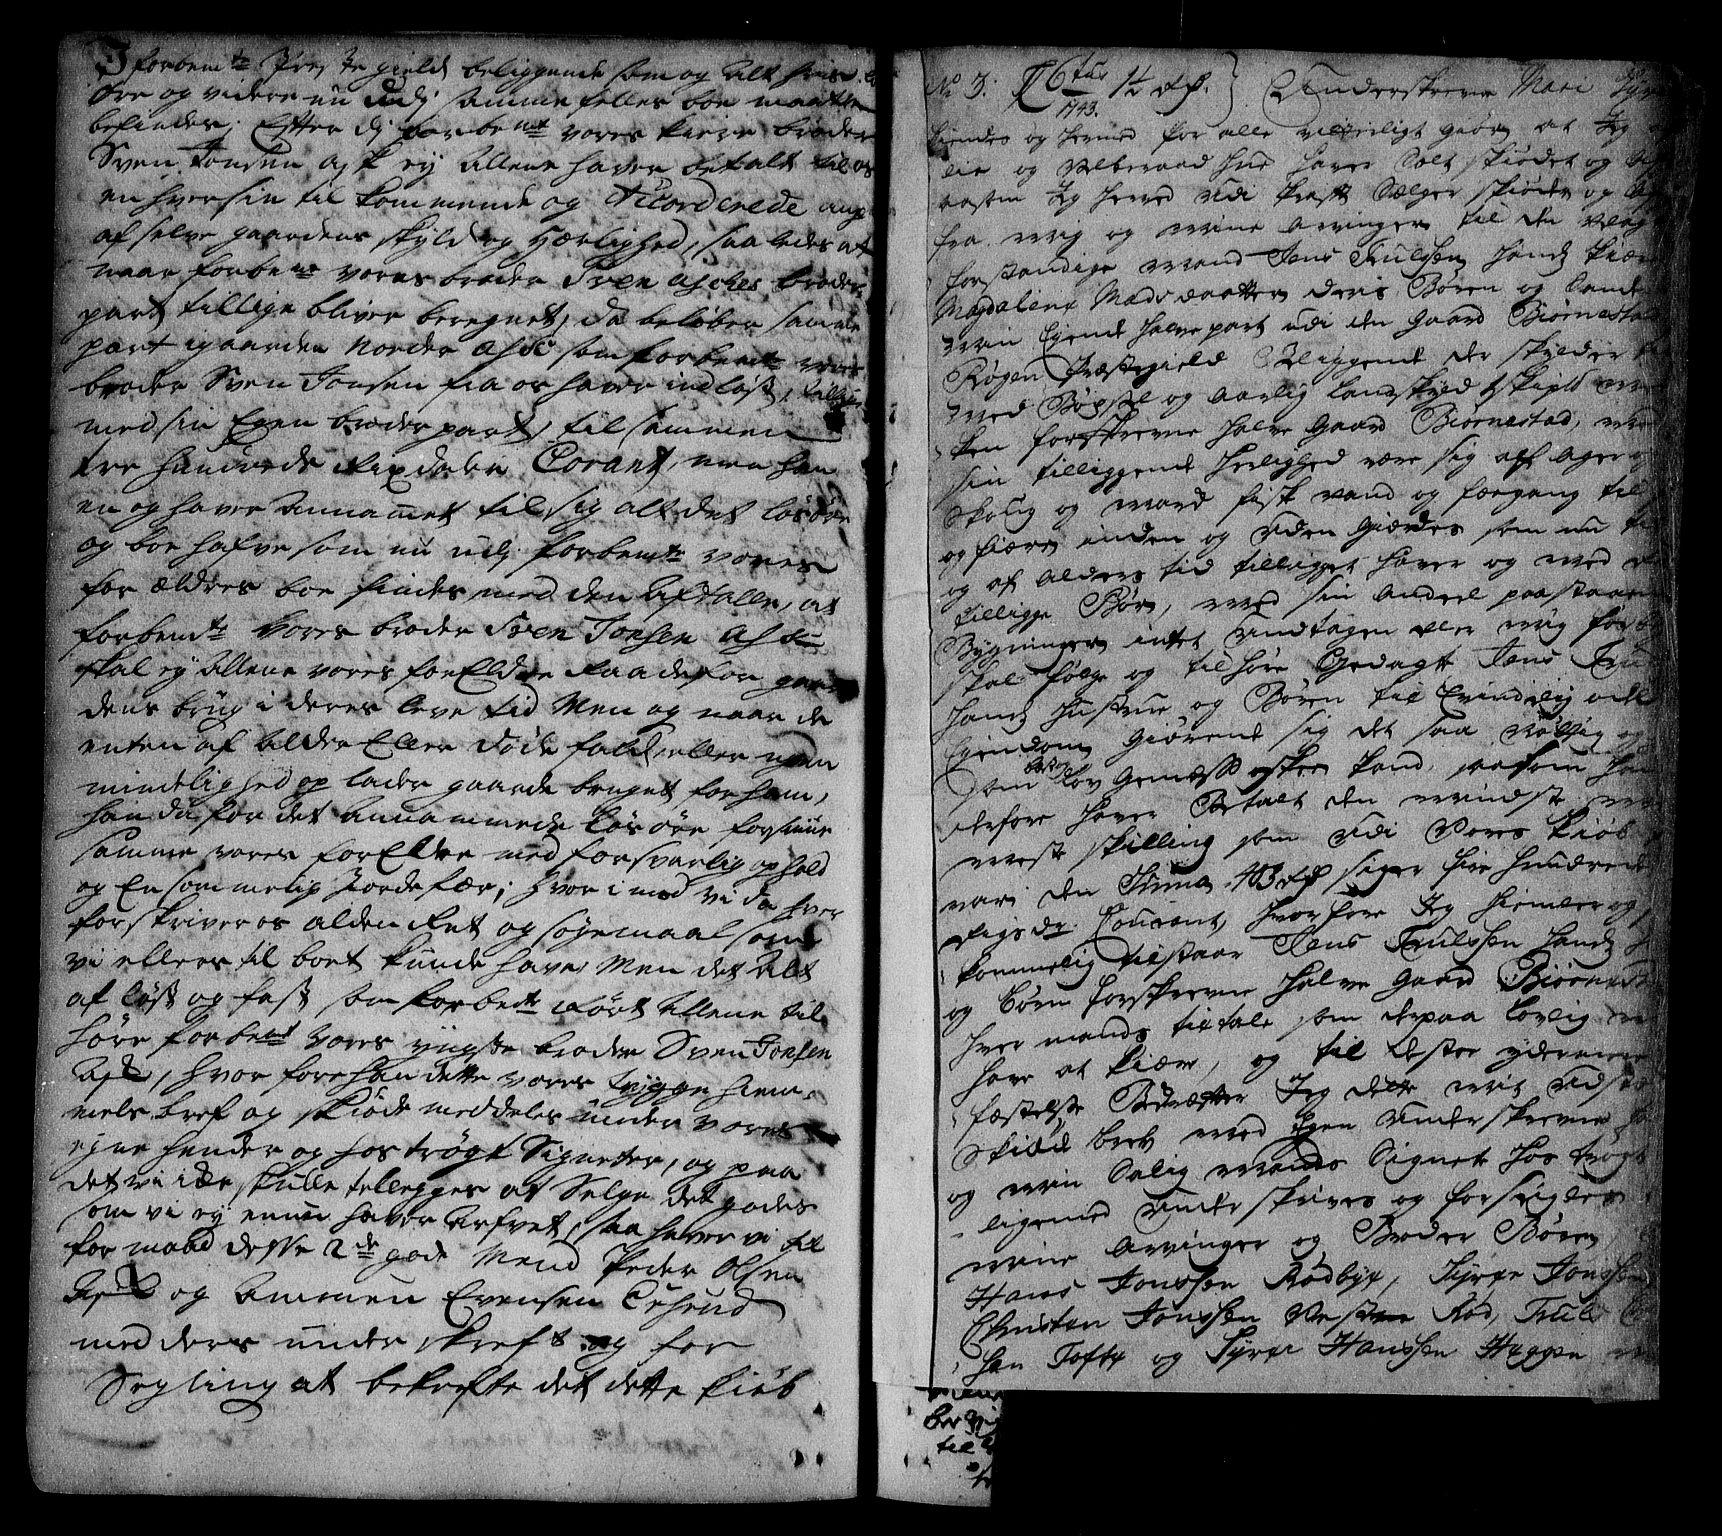 SAKO, Lier, Røyken og Hurum sorenskriveri, G/Ga/Gaa/L0002: Pantebok nr. II, 1725-1755, s. 217